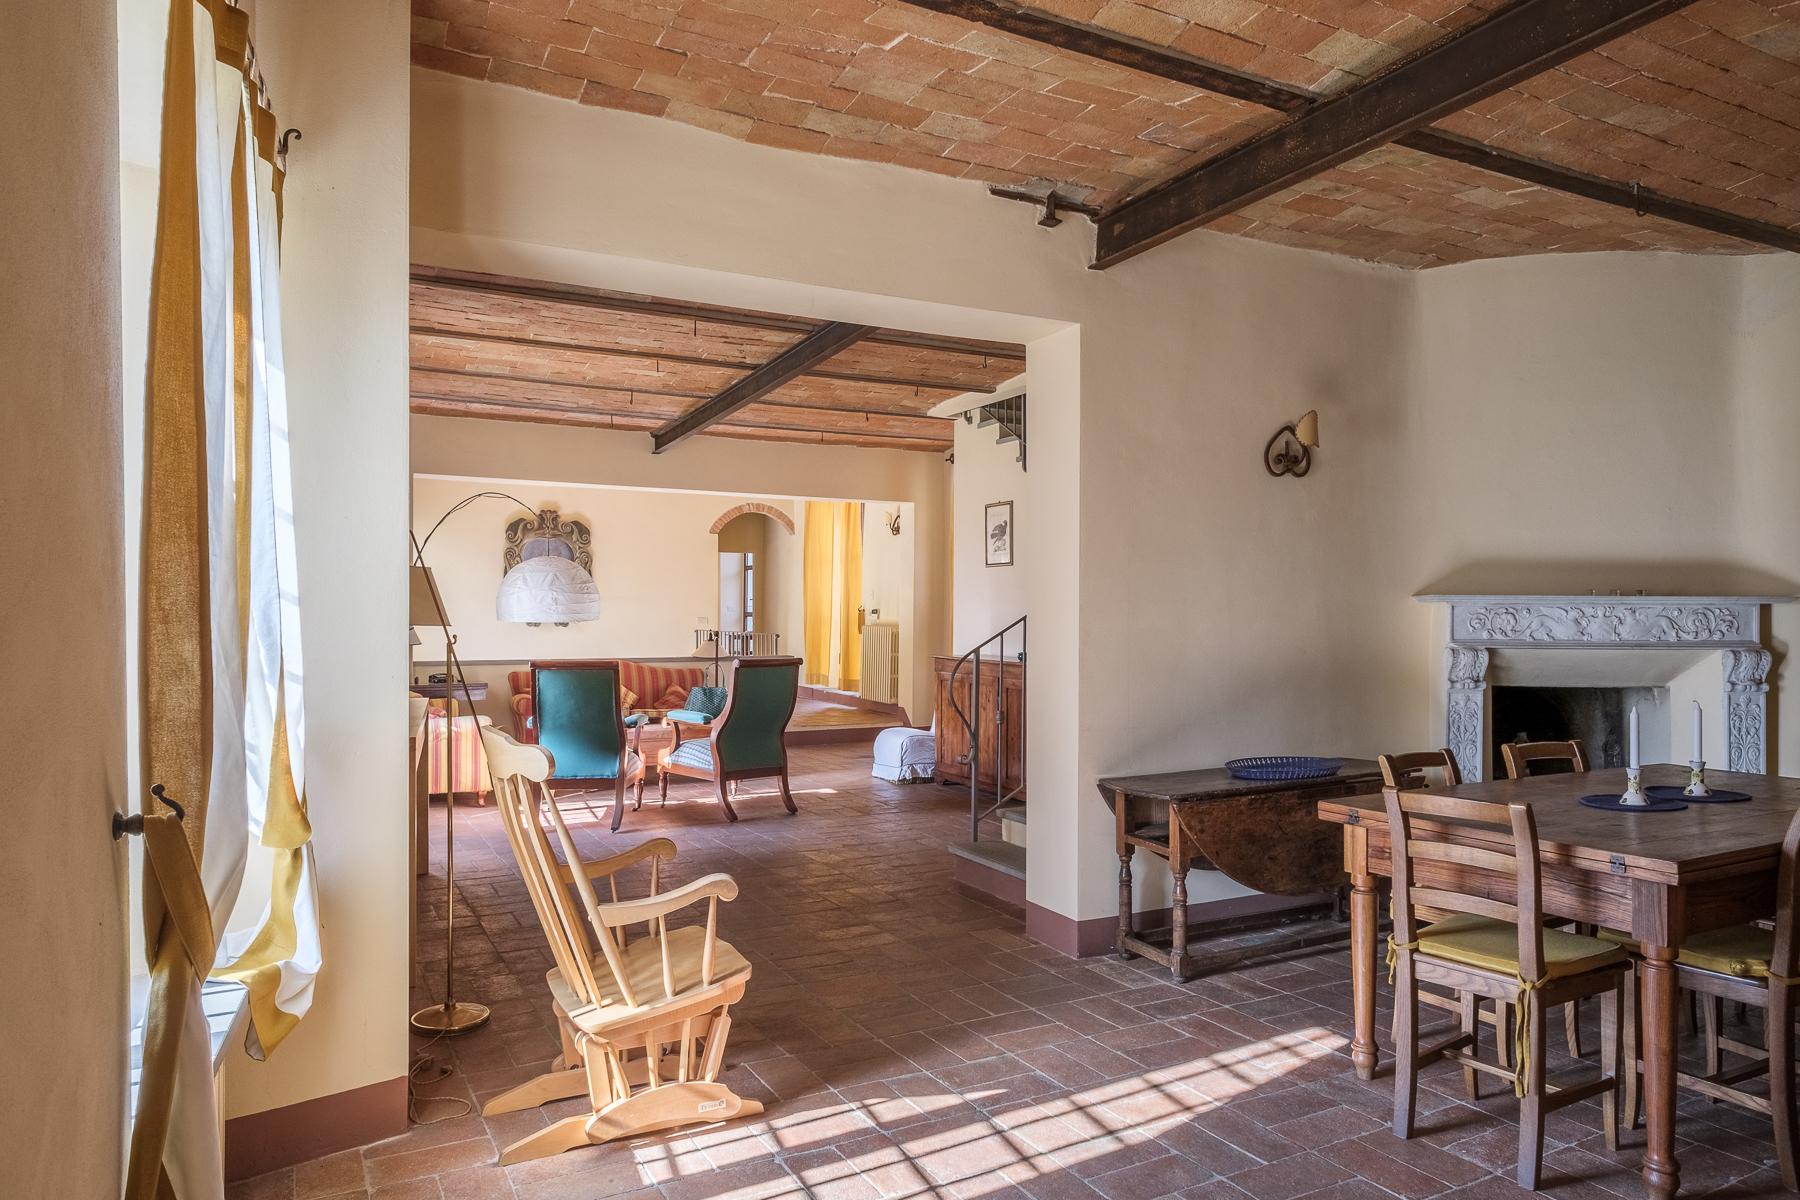 Additional photo for property listing at Splendid apartment in villa Via Gentilino San Casciano In Val Di Pesa, Florence 50026 Italia